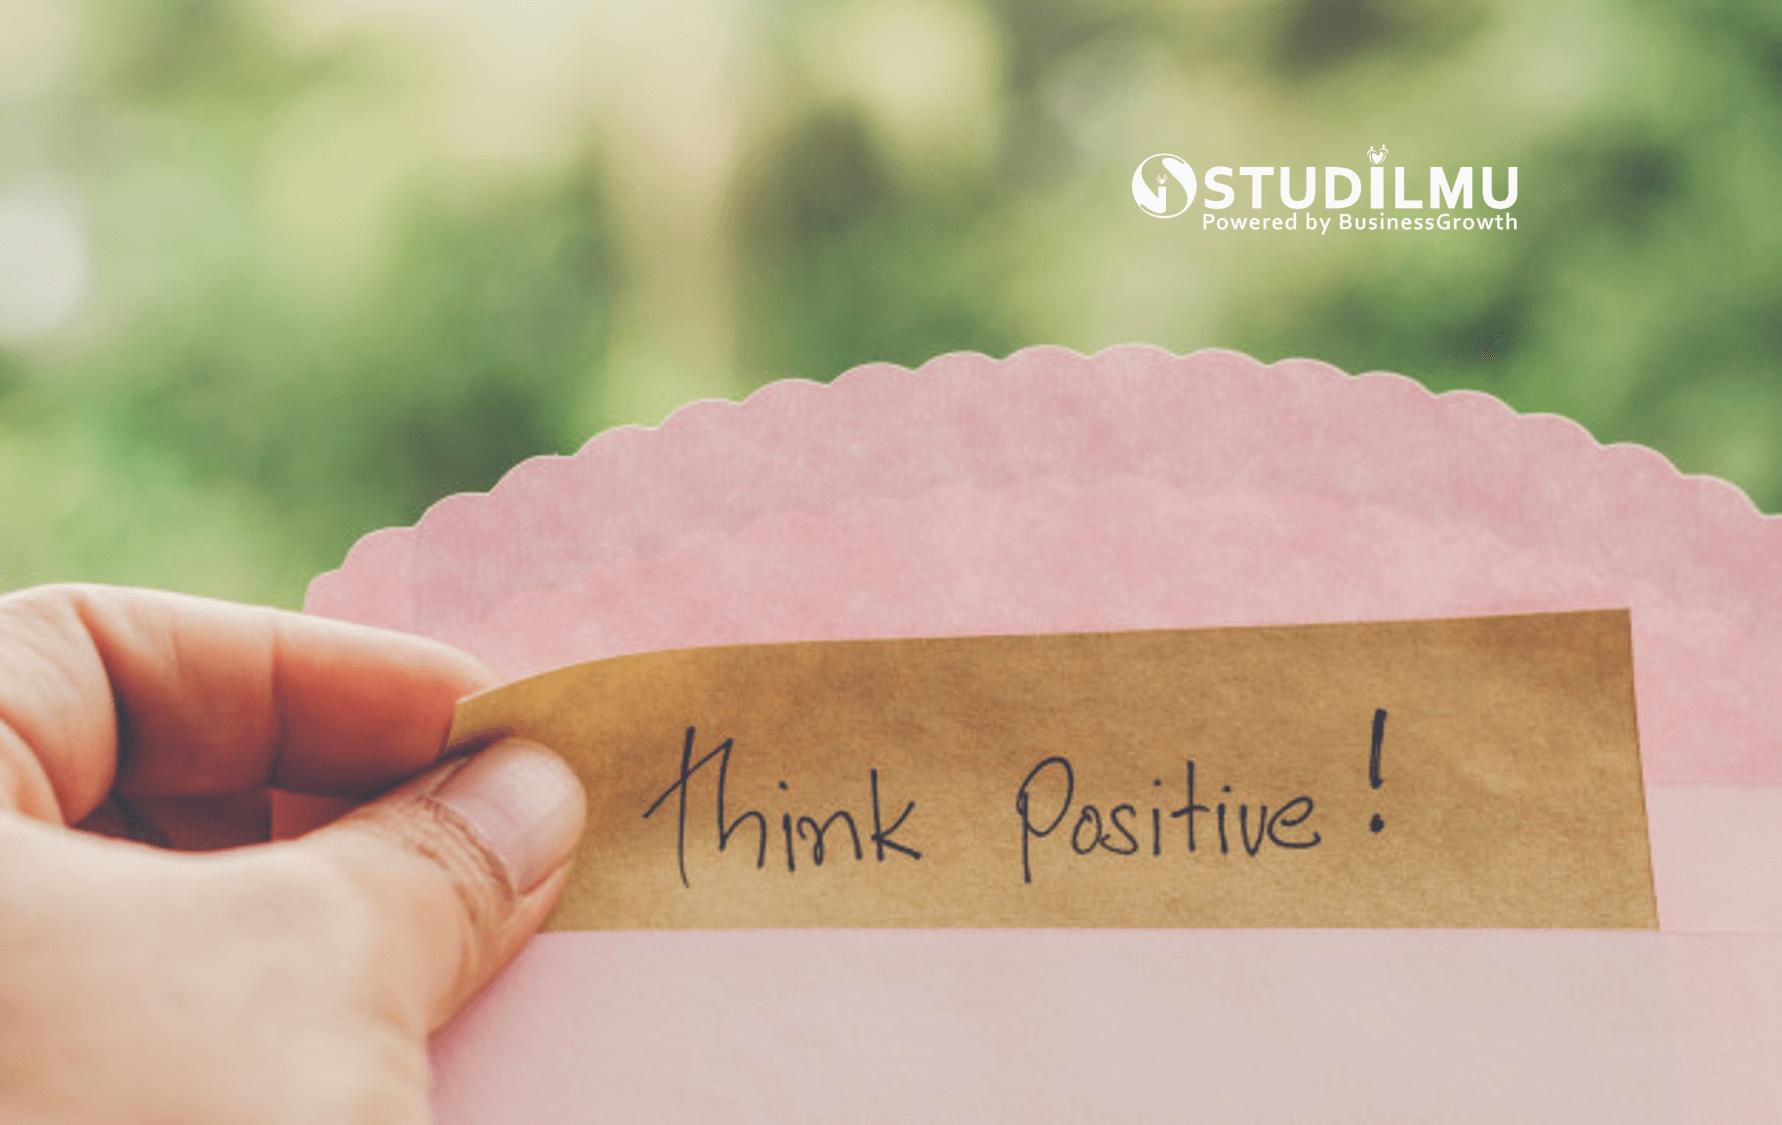 STUDILMU Career Advice - 5 Cara Menyelesaikan Permasalahan dengan Pola Pikir Positif